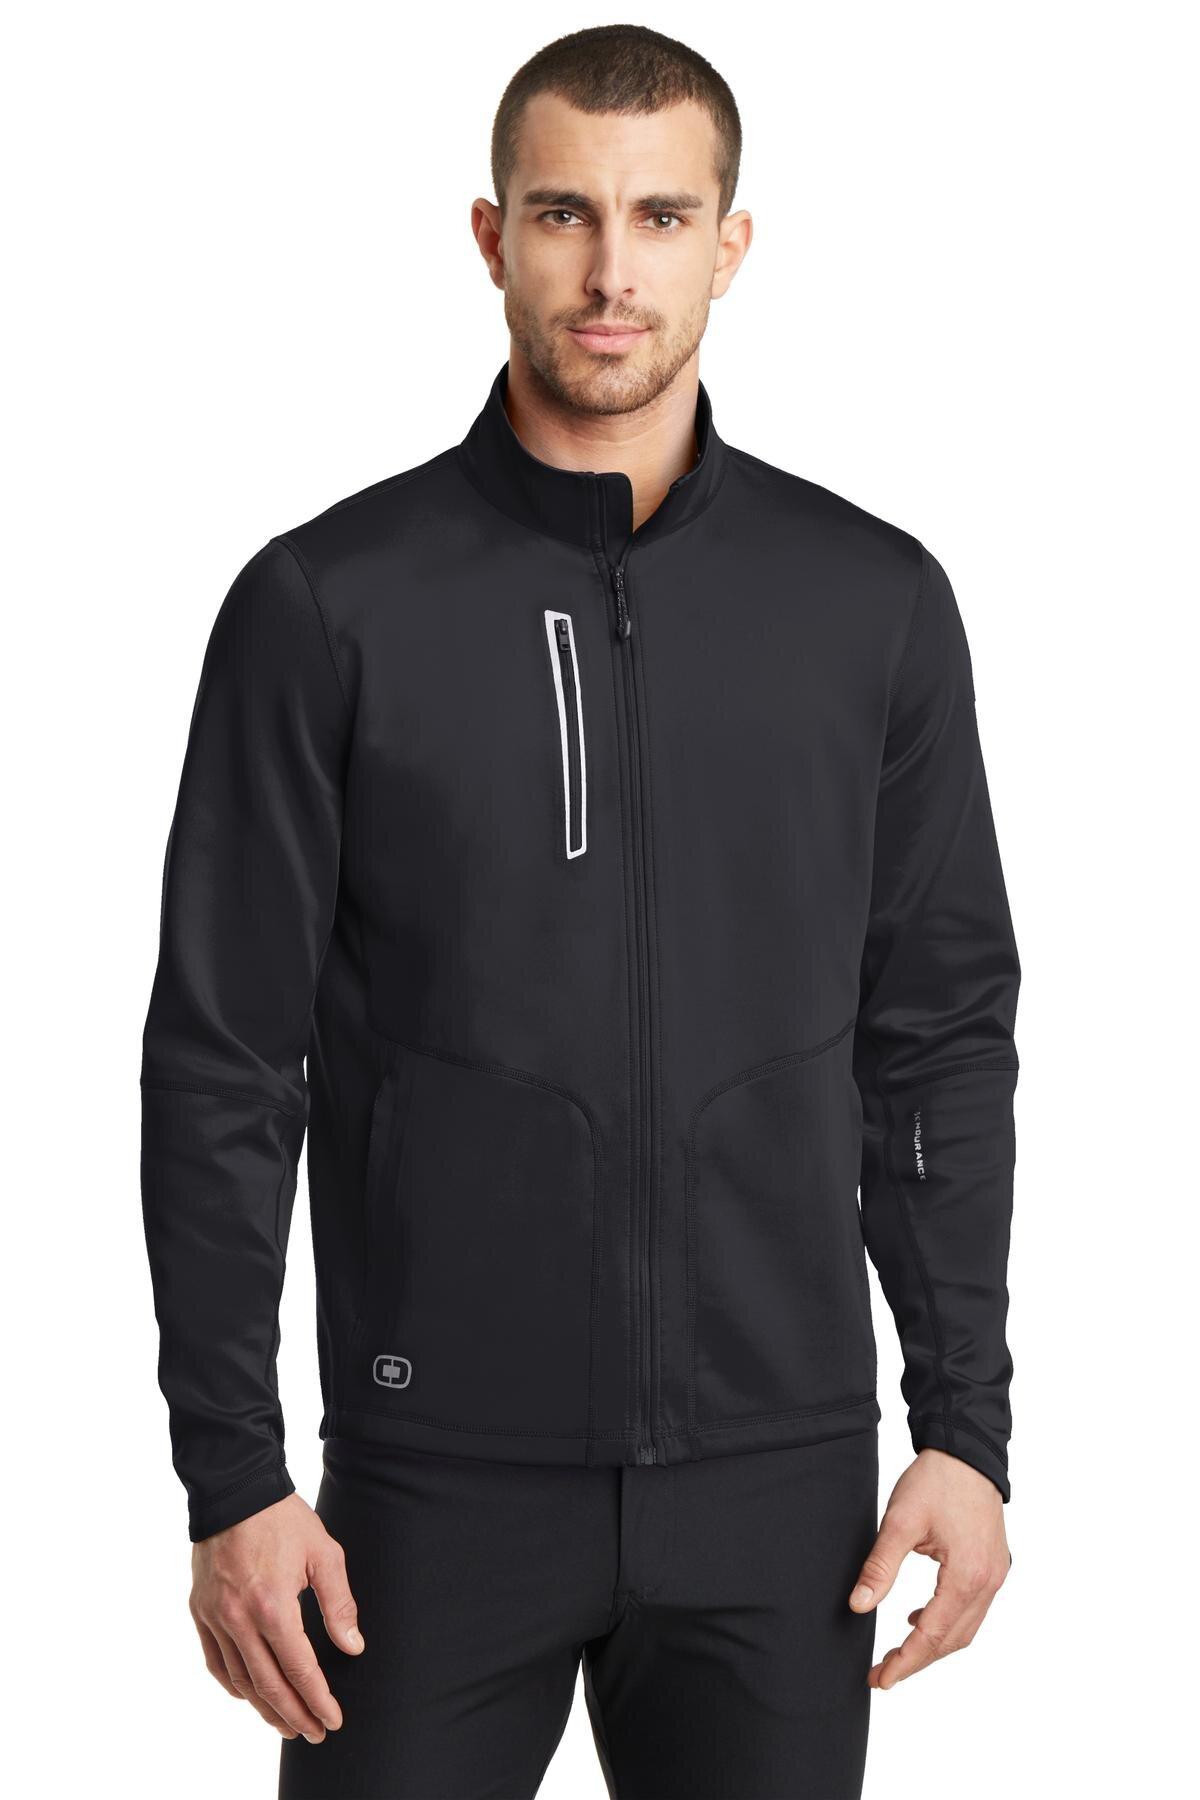 OGIO Endurance Jacket -